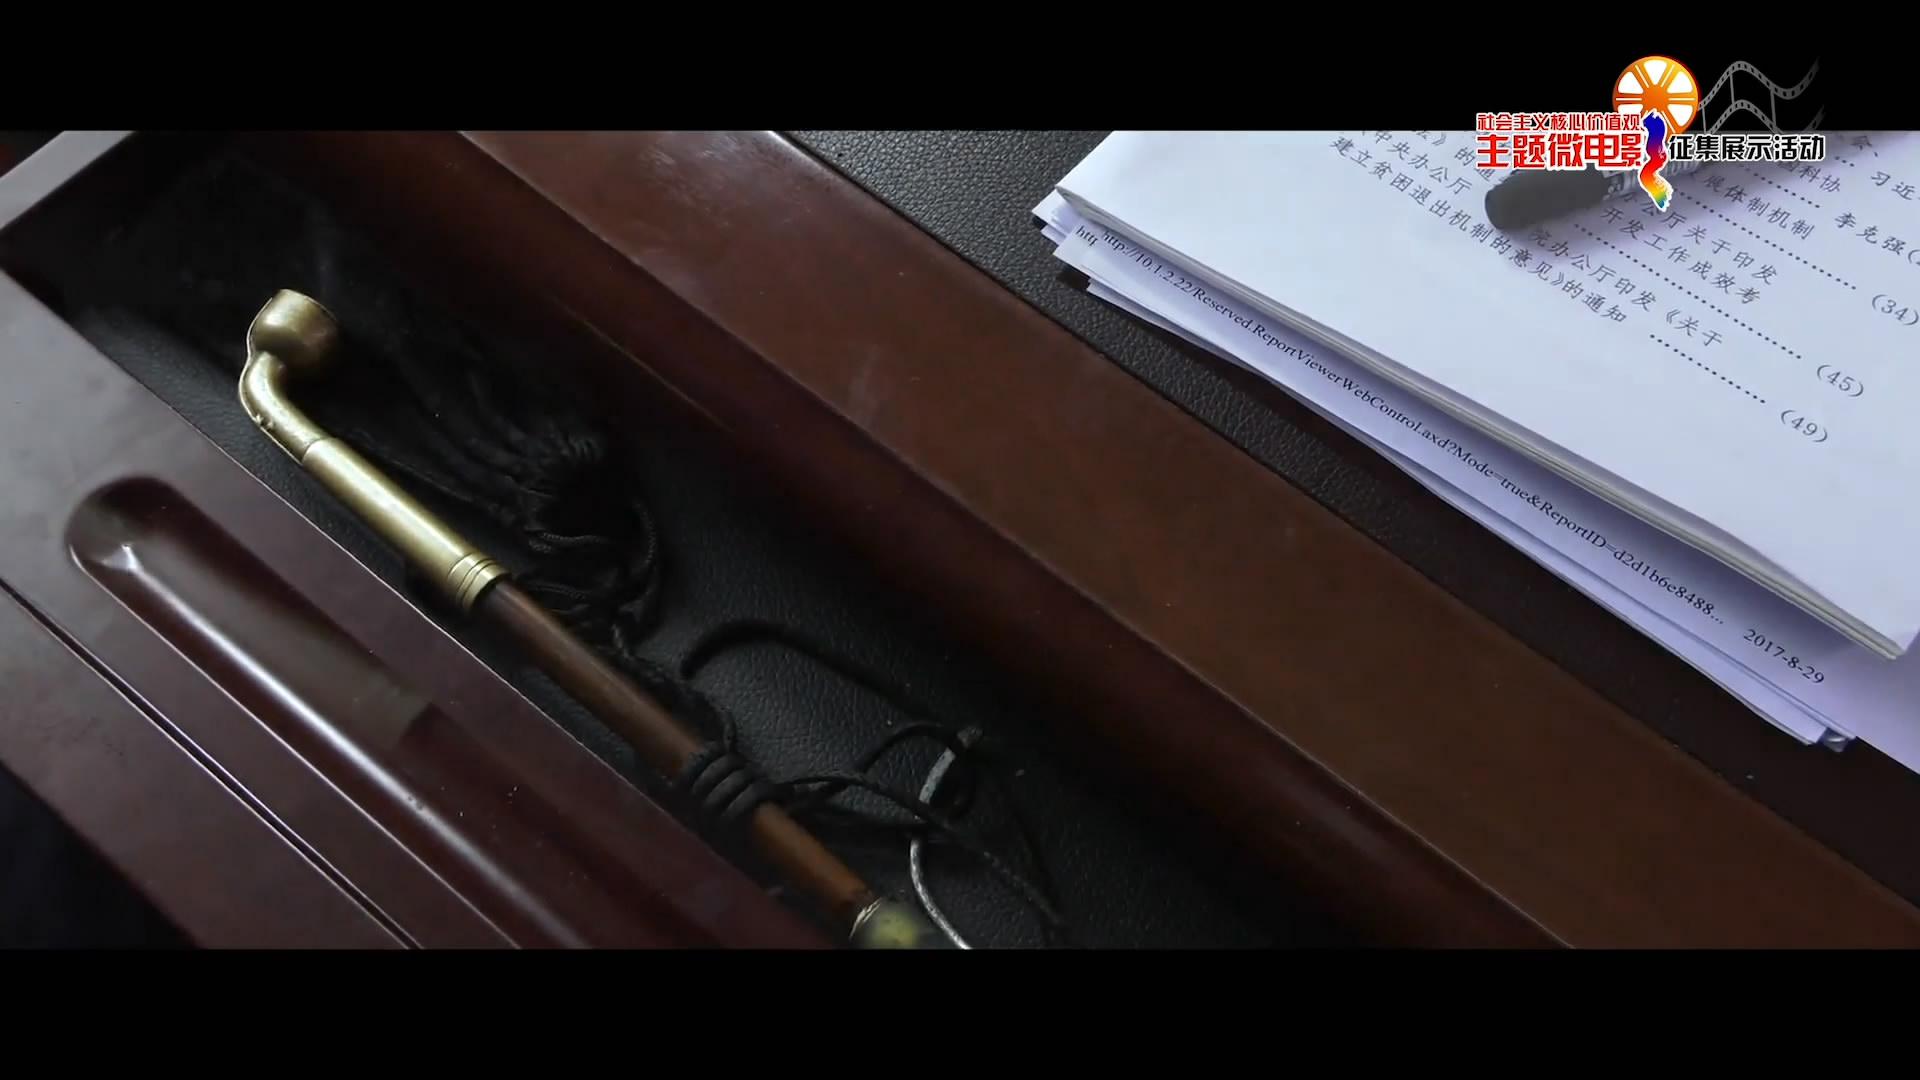 父亲的旱烟袋(山西)-未命名 [00_00_51][20200103-110910-2].JPG